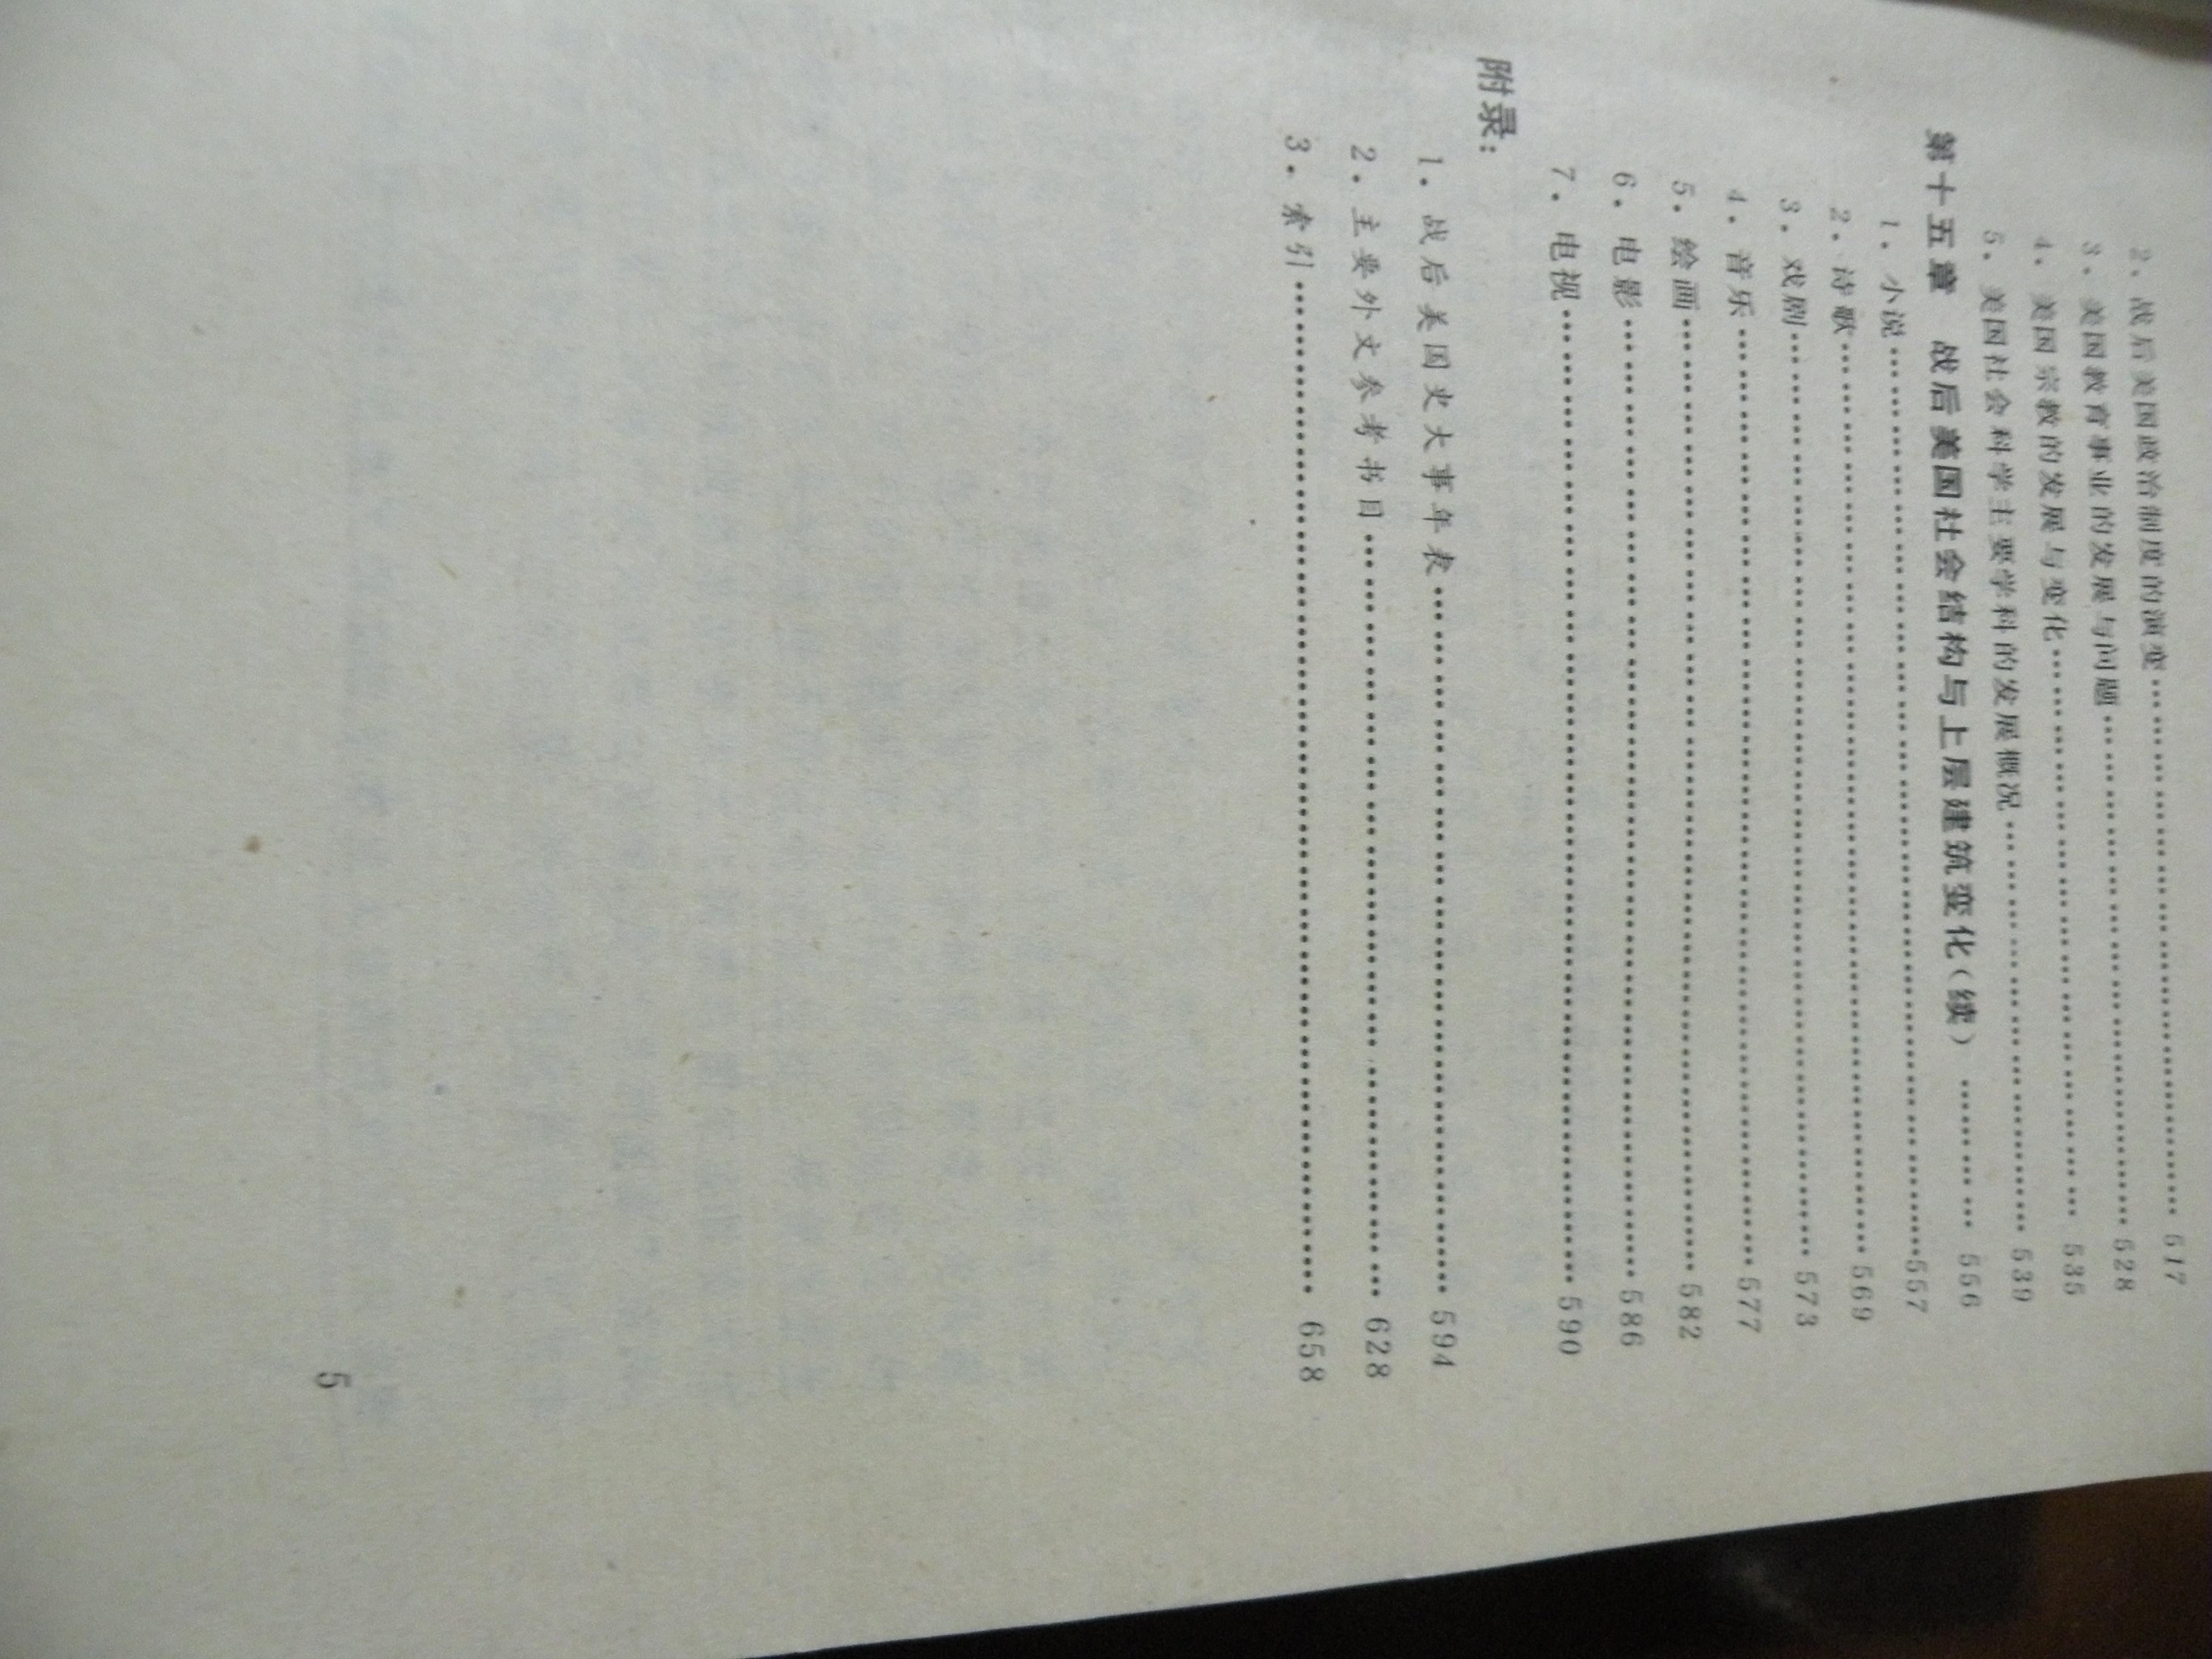 DSCN8170.JPG